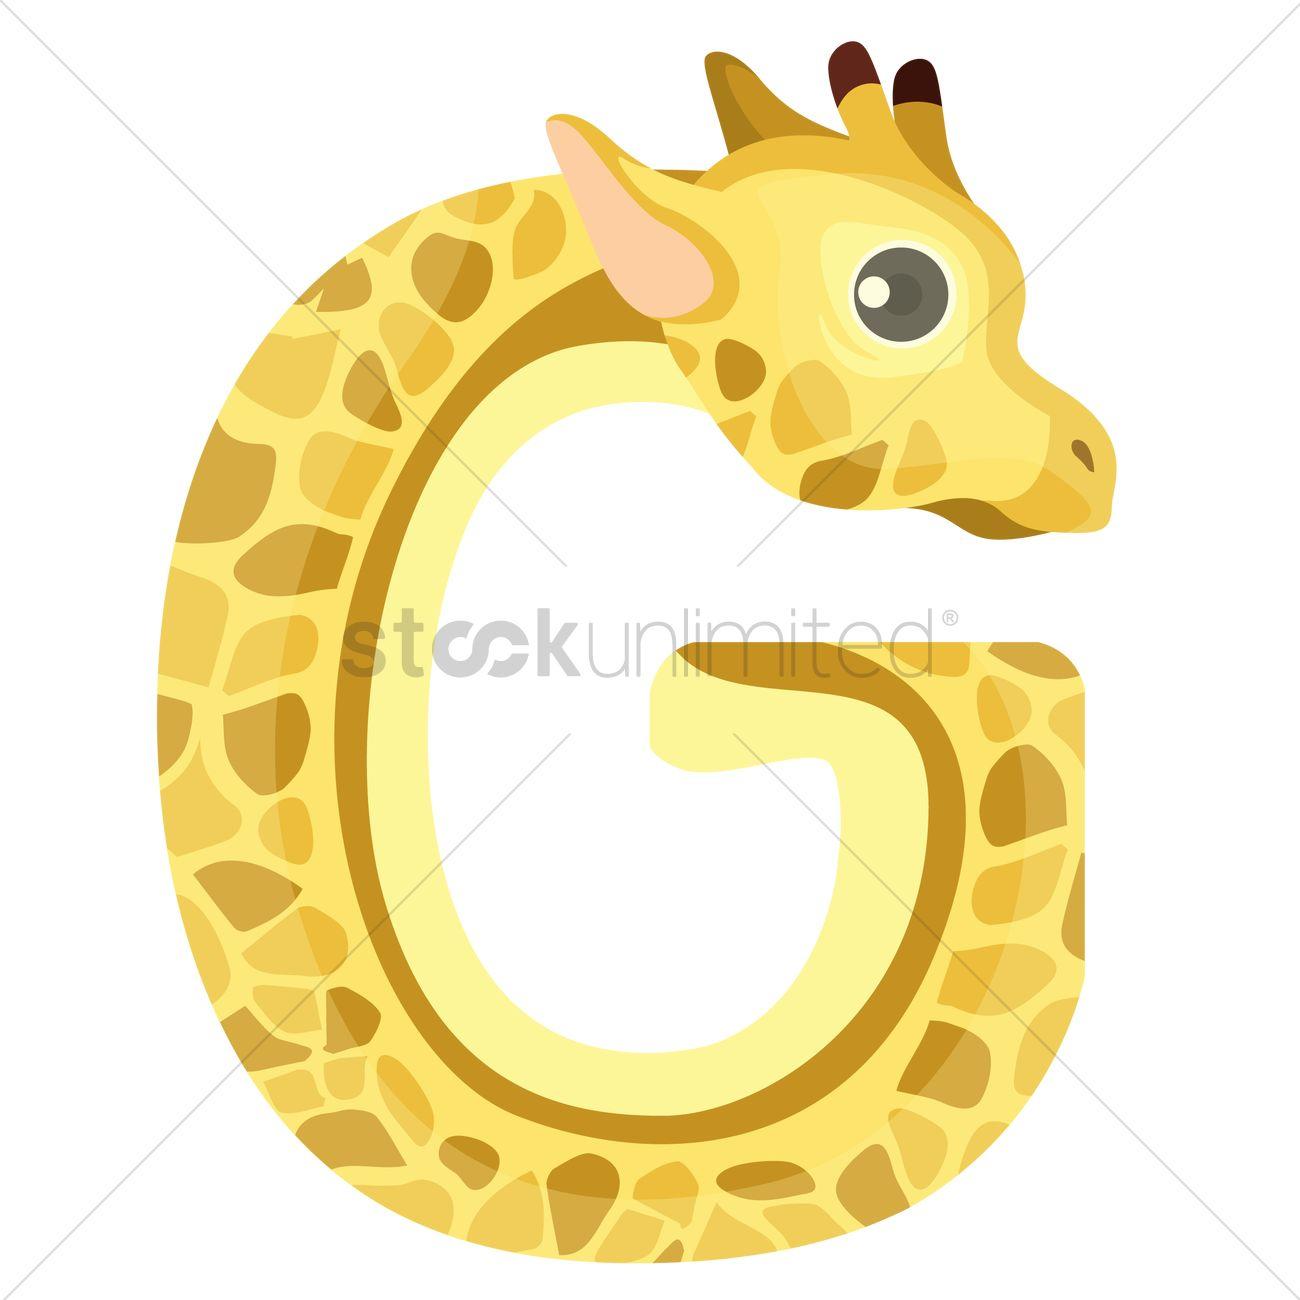 Letter g for giraffe vector image 1236506 stockunlimited letter g for giraffe vector graphic spiritdancerdesigns Gallery